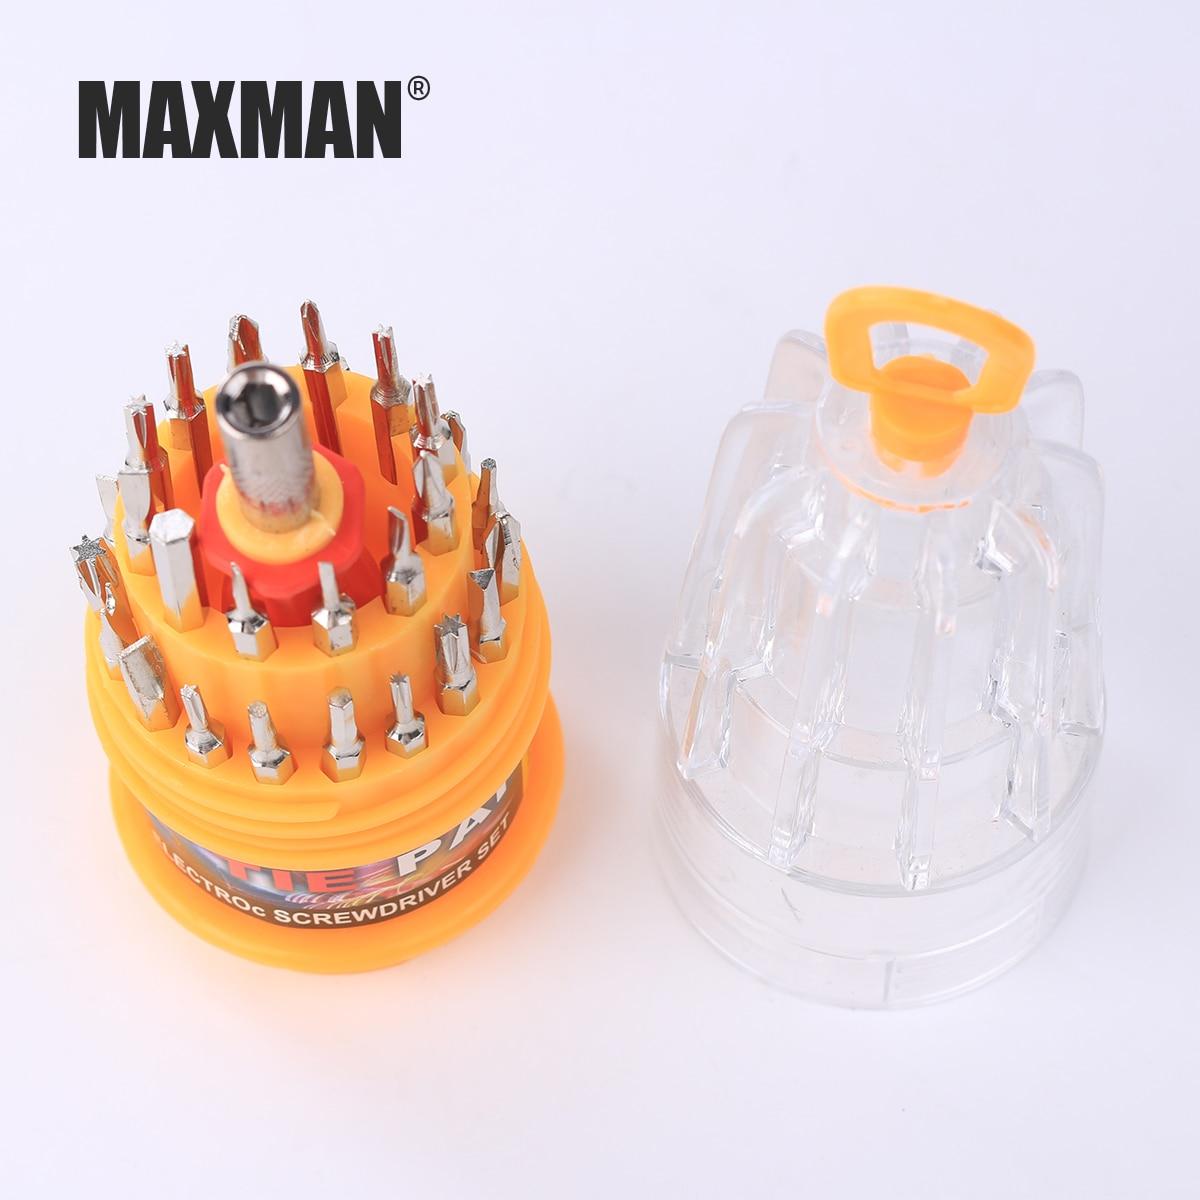 MAXMAN 31pcs DIY Repair Laptop Screwdriver Set Professional Repair Hand Tools Kit for Mobile Phone Computer Electronic Model